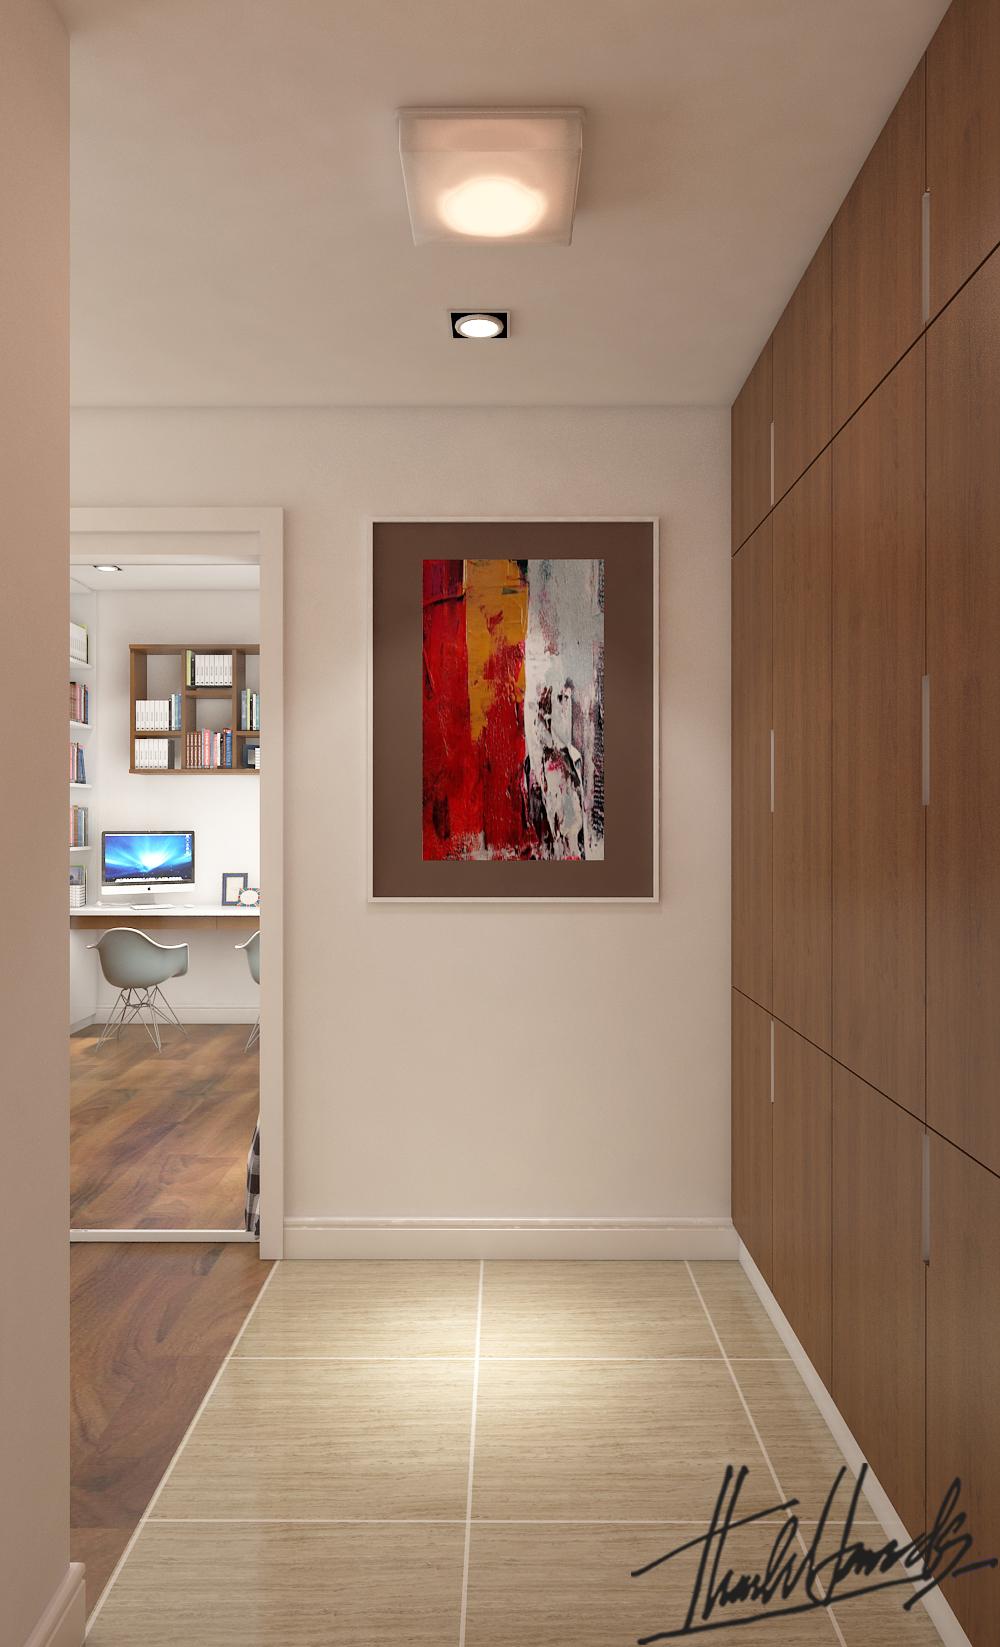 thiết kế nội thất chung cư tại Hà Nội chung cư roya city 11 1568274333